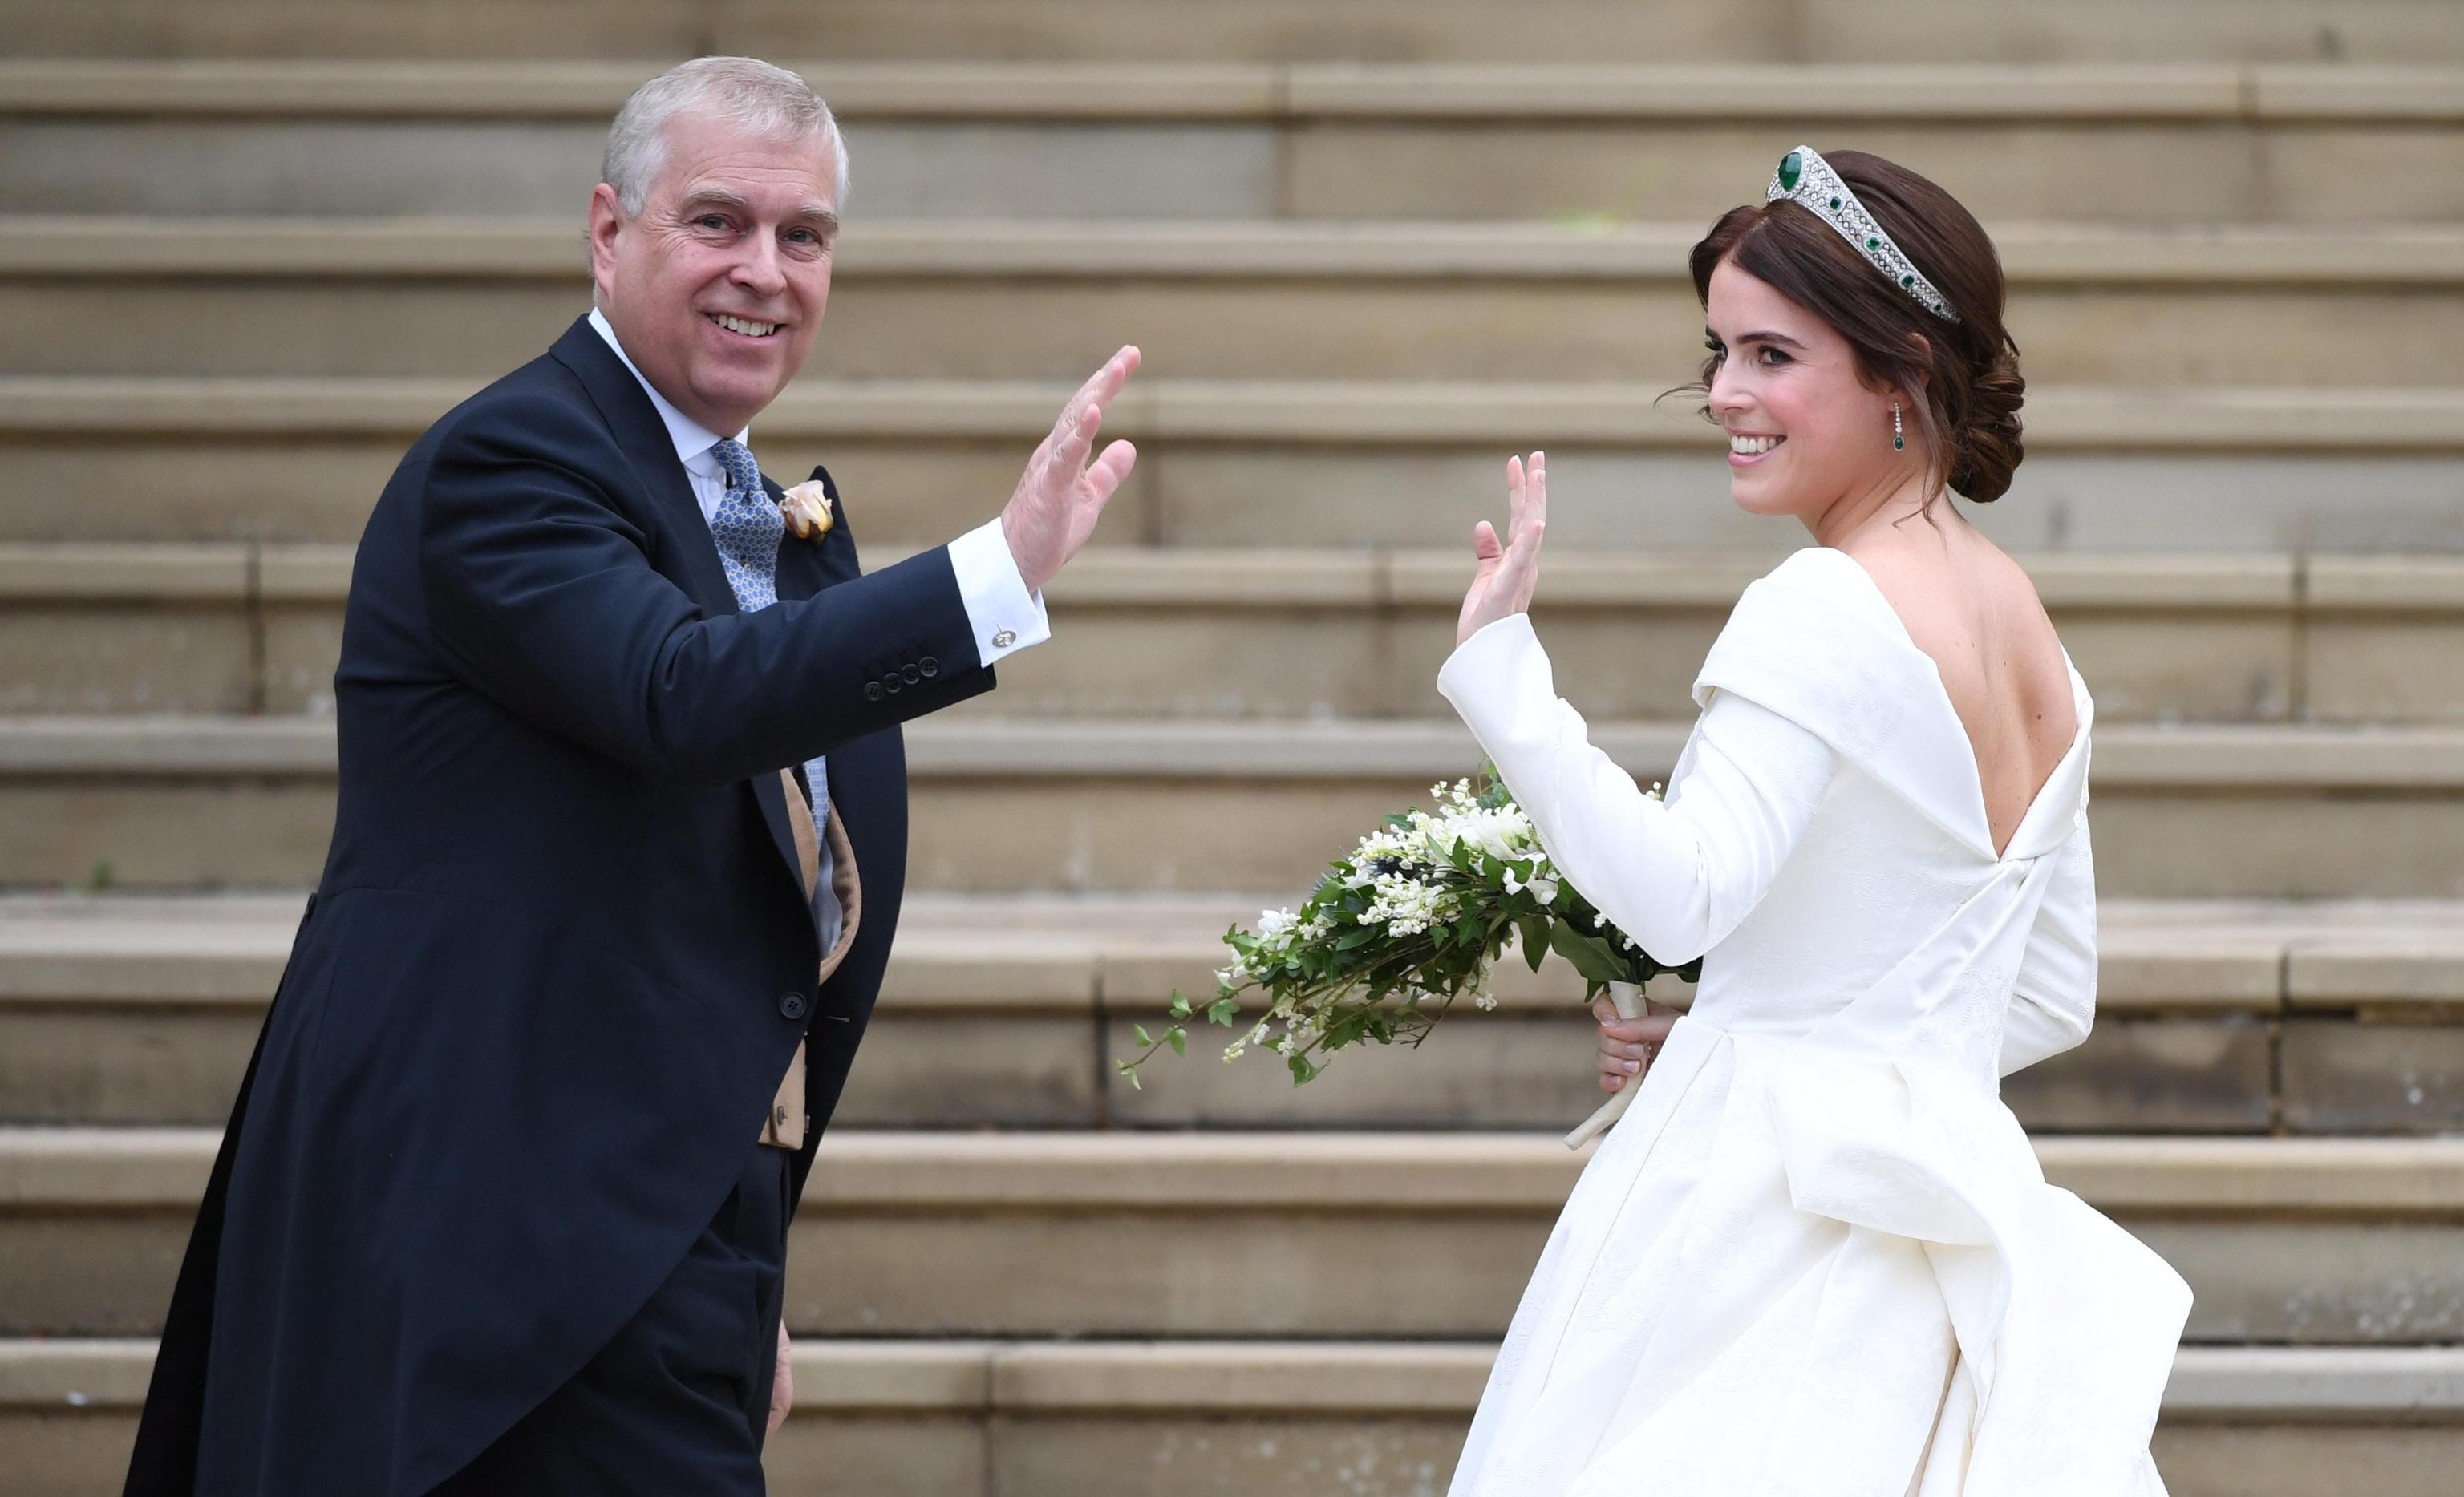 Il Royal Wedding di Eugenie di York: tutti i dettagli